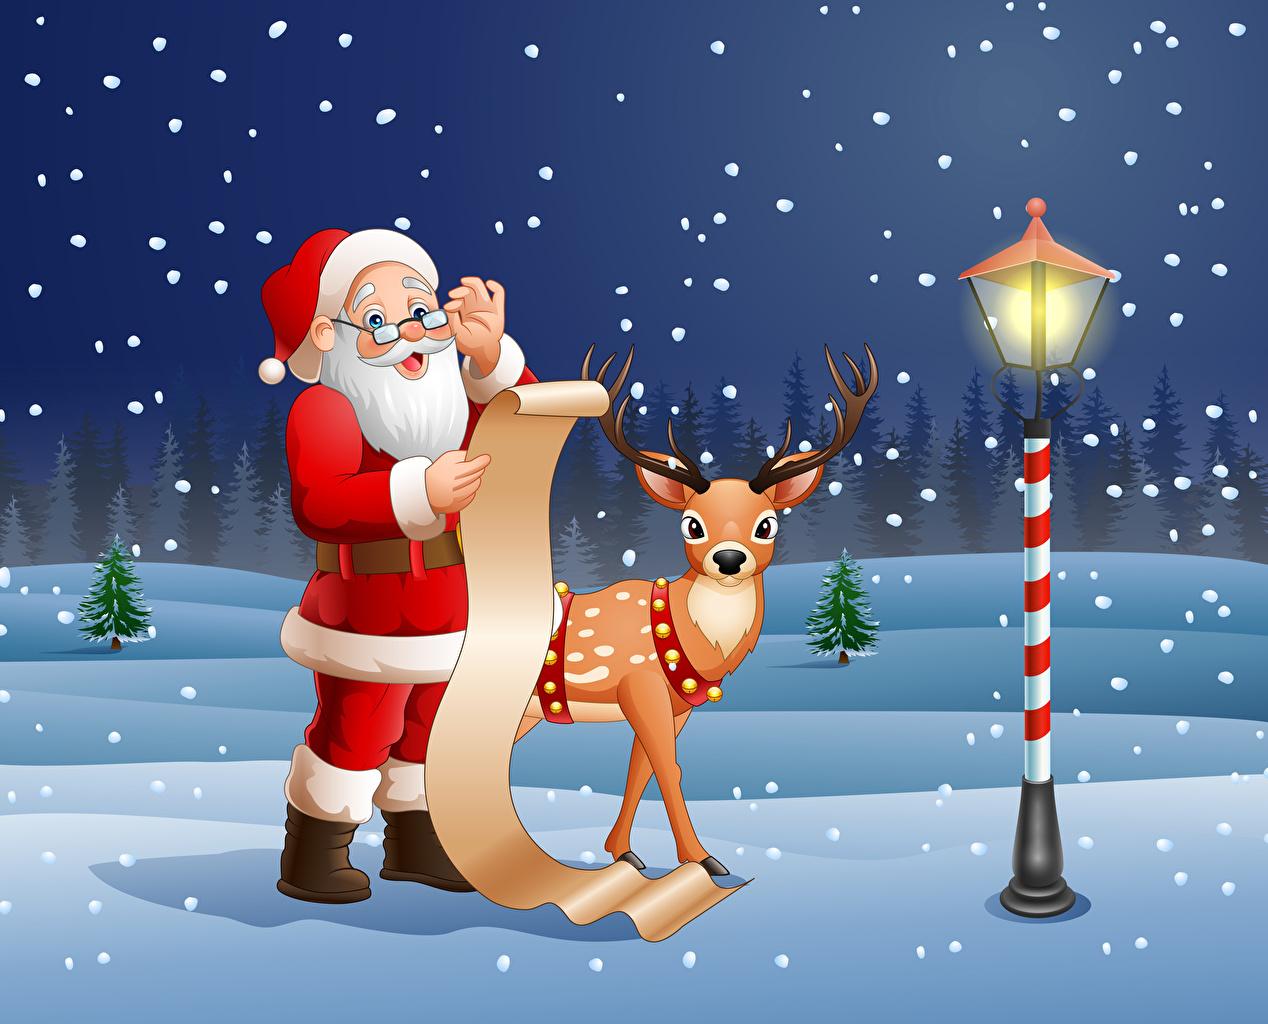 Bilder von Hirsche Neujahr Blatt Papier Barthaar Weihnachtsmann Schnee Brille Uniform Straßenlaterne Vektorgrafik bärte bärtige bärtiger